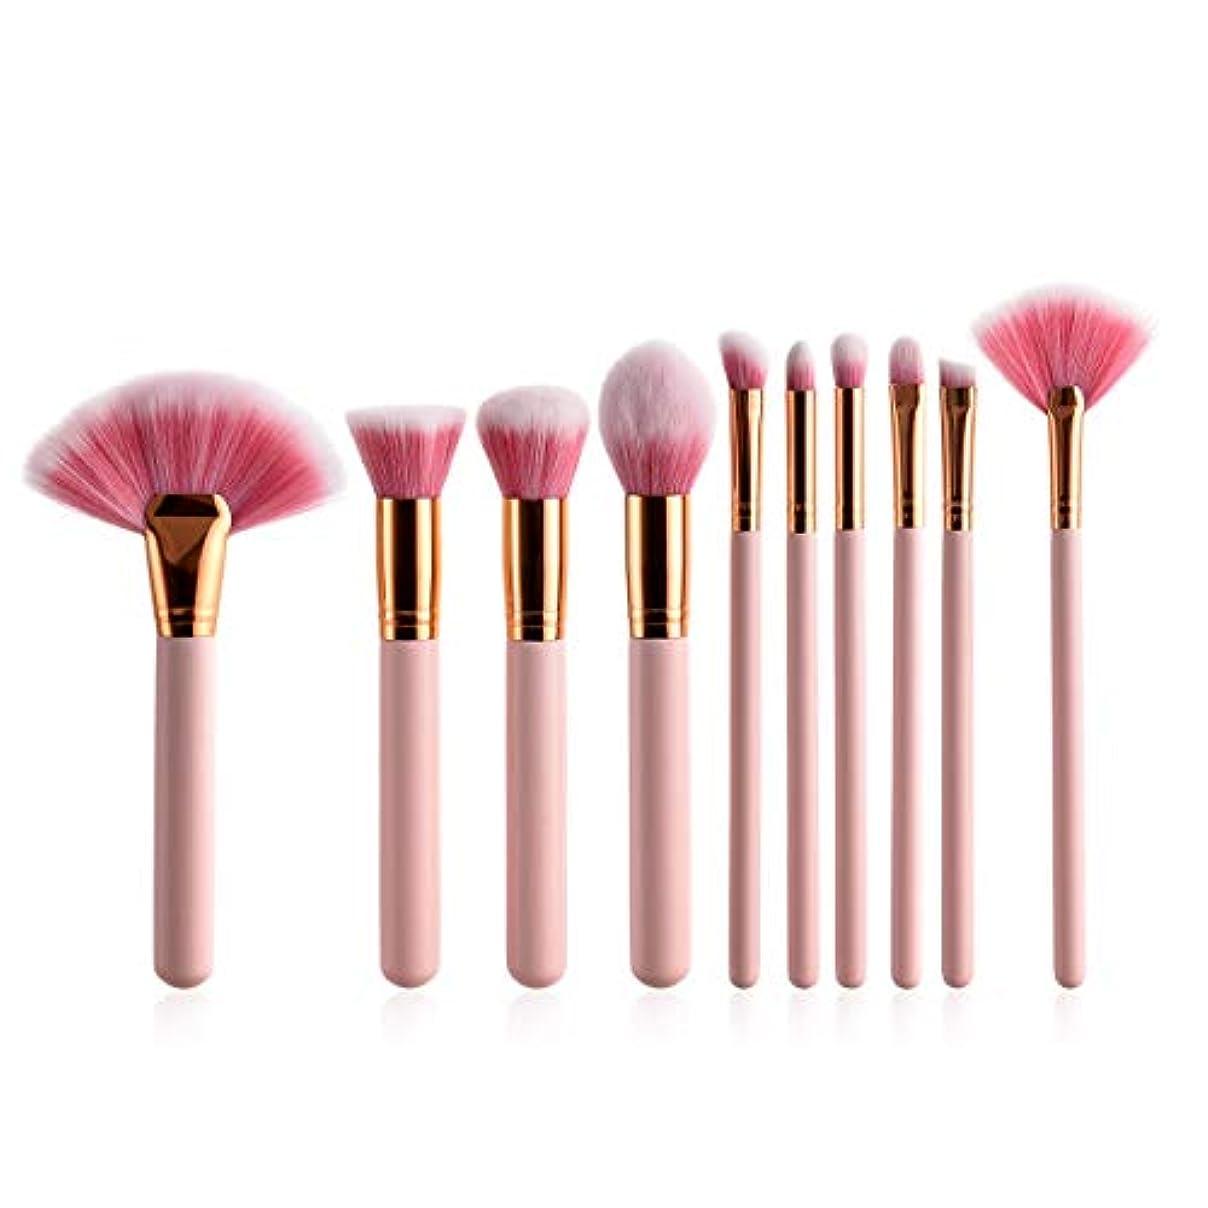 指令抹消方言CHANGYUXINTAI-HUAZHUANGSHUA 10化粧ブラシ、粉末ベース、パウダー、アイシャドウ、ブラシ、高光沢ブラシ。 (Color : Pink)